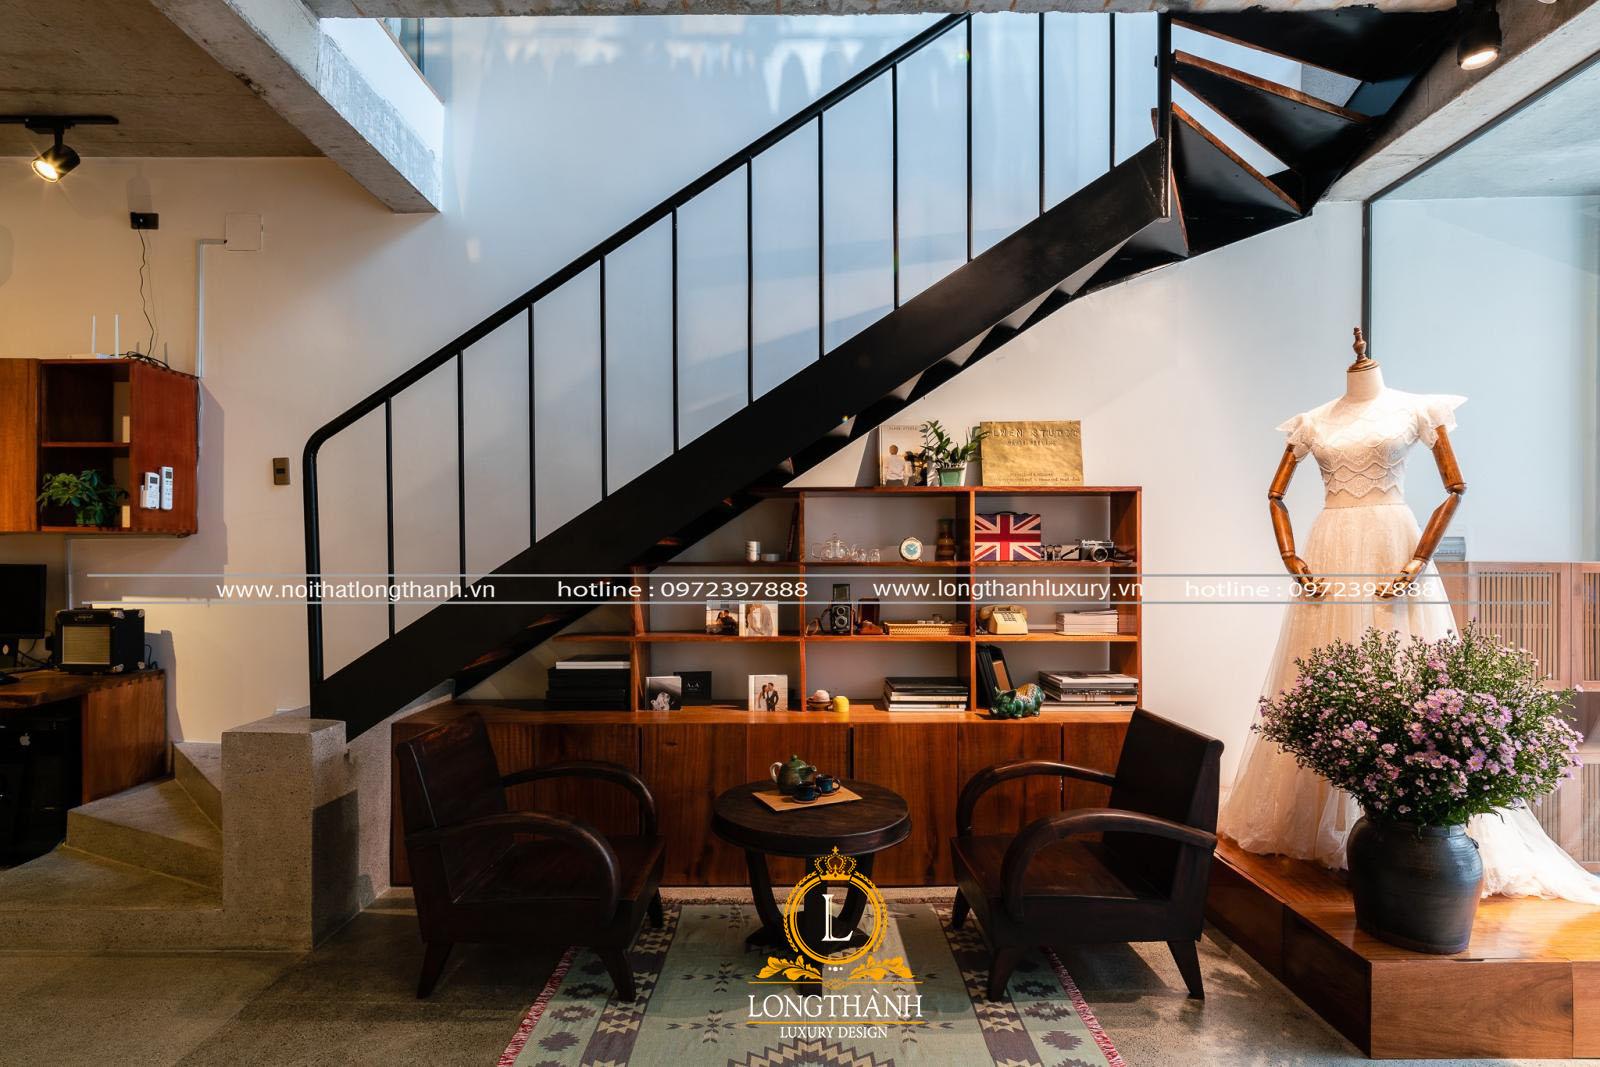 Tủ trang trí trí được sử dụng để tận dụng tối đa vị trí gầm cầu thang